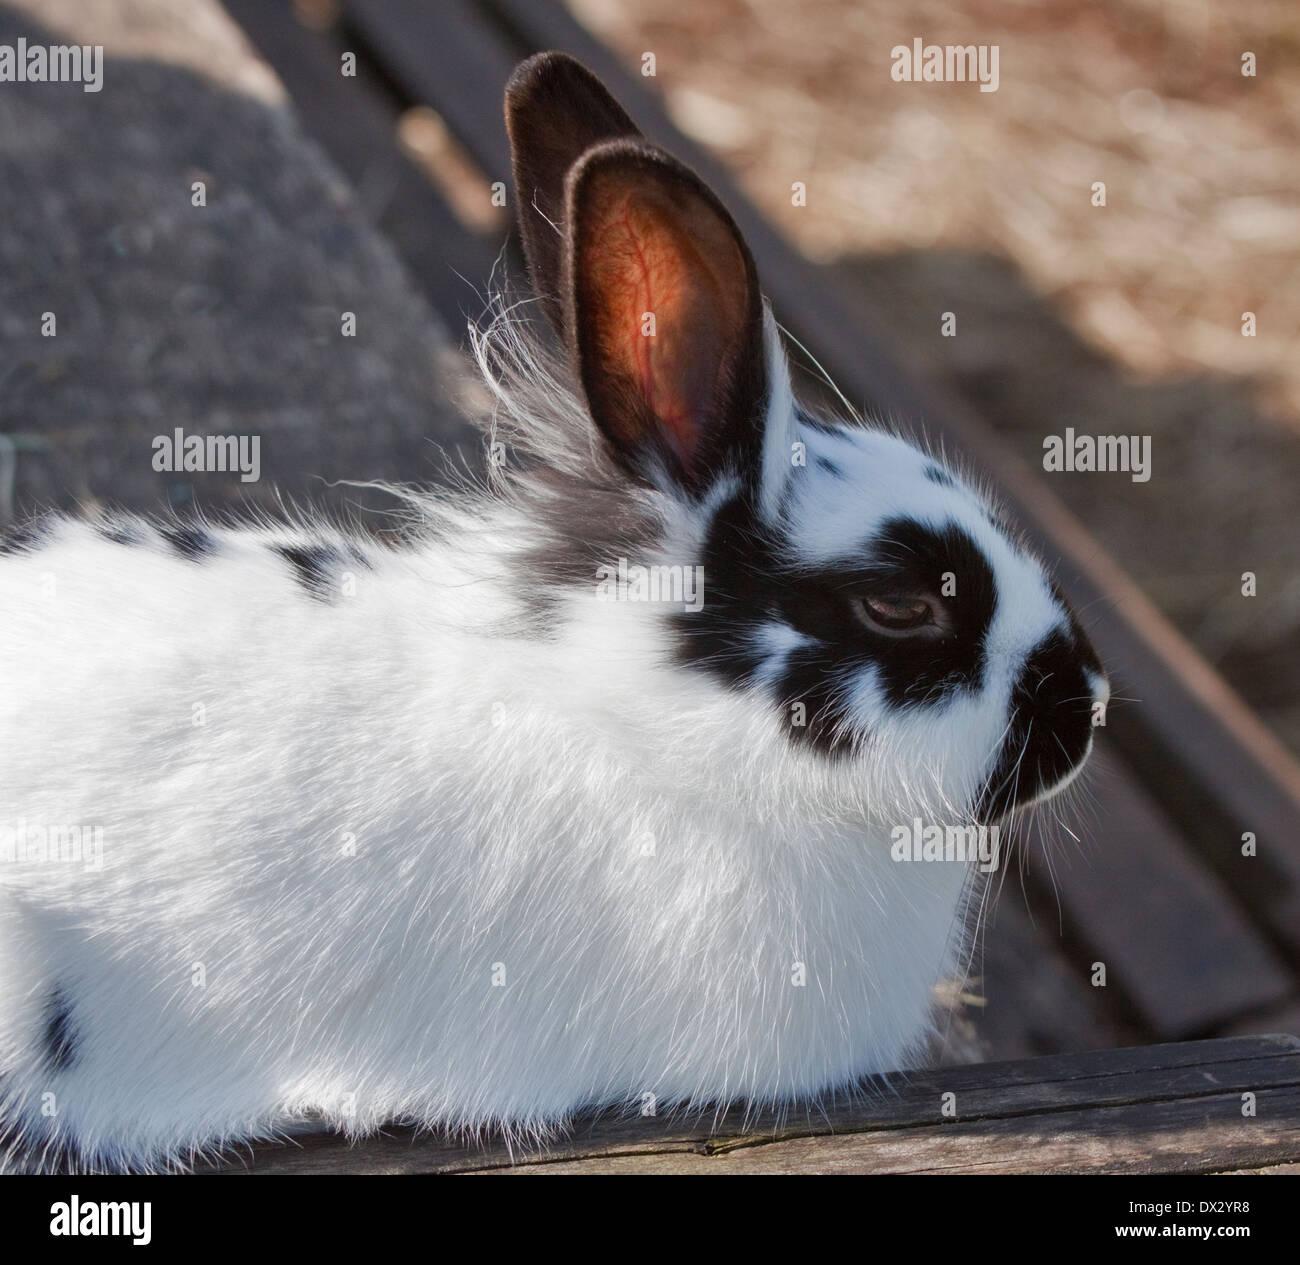 Englische Spot x Lionhead Kreuz Kaninchen Stockfoto